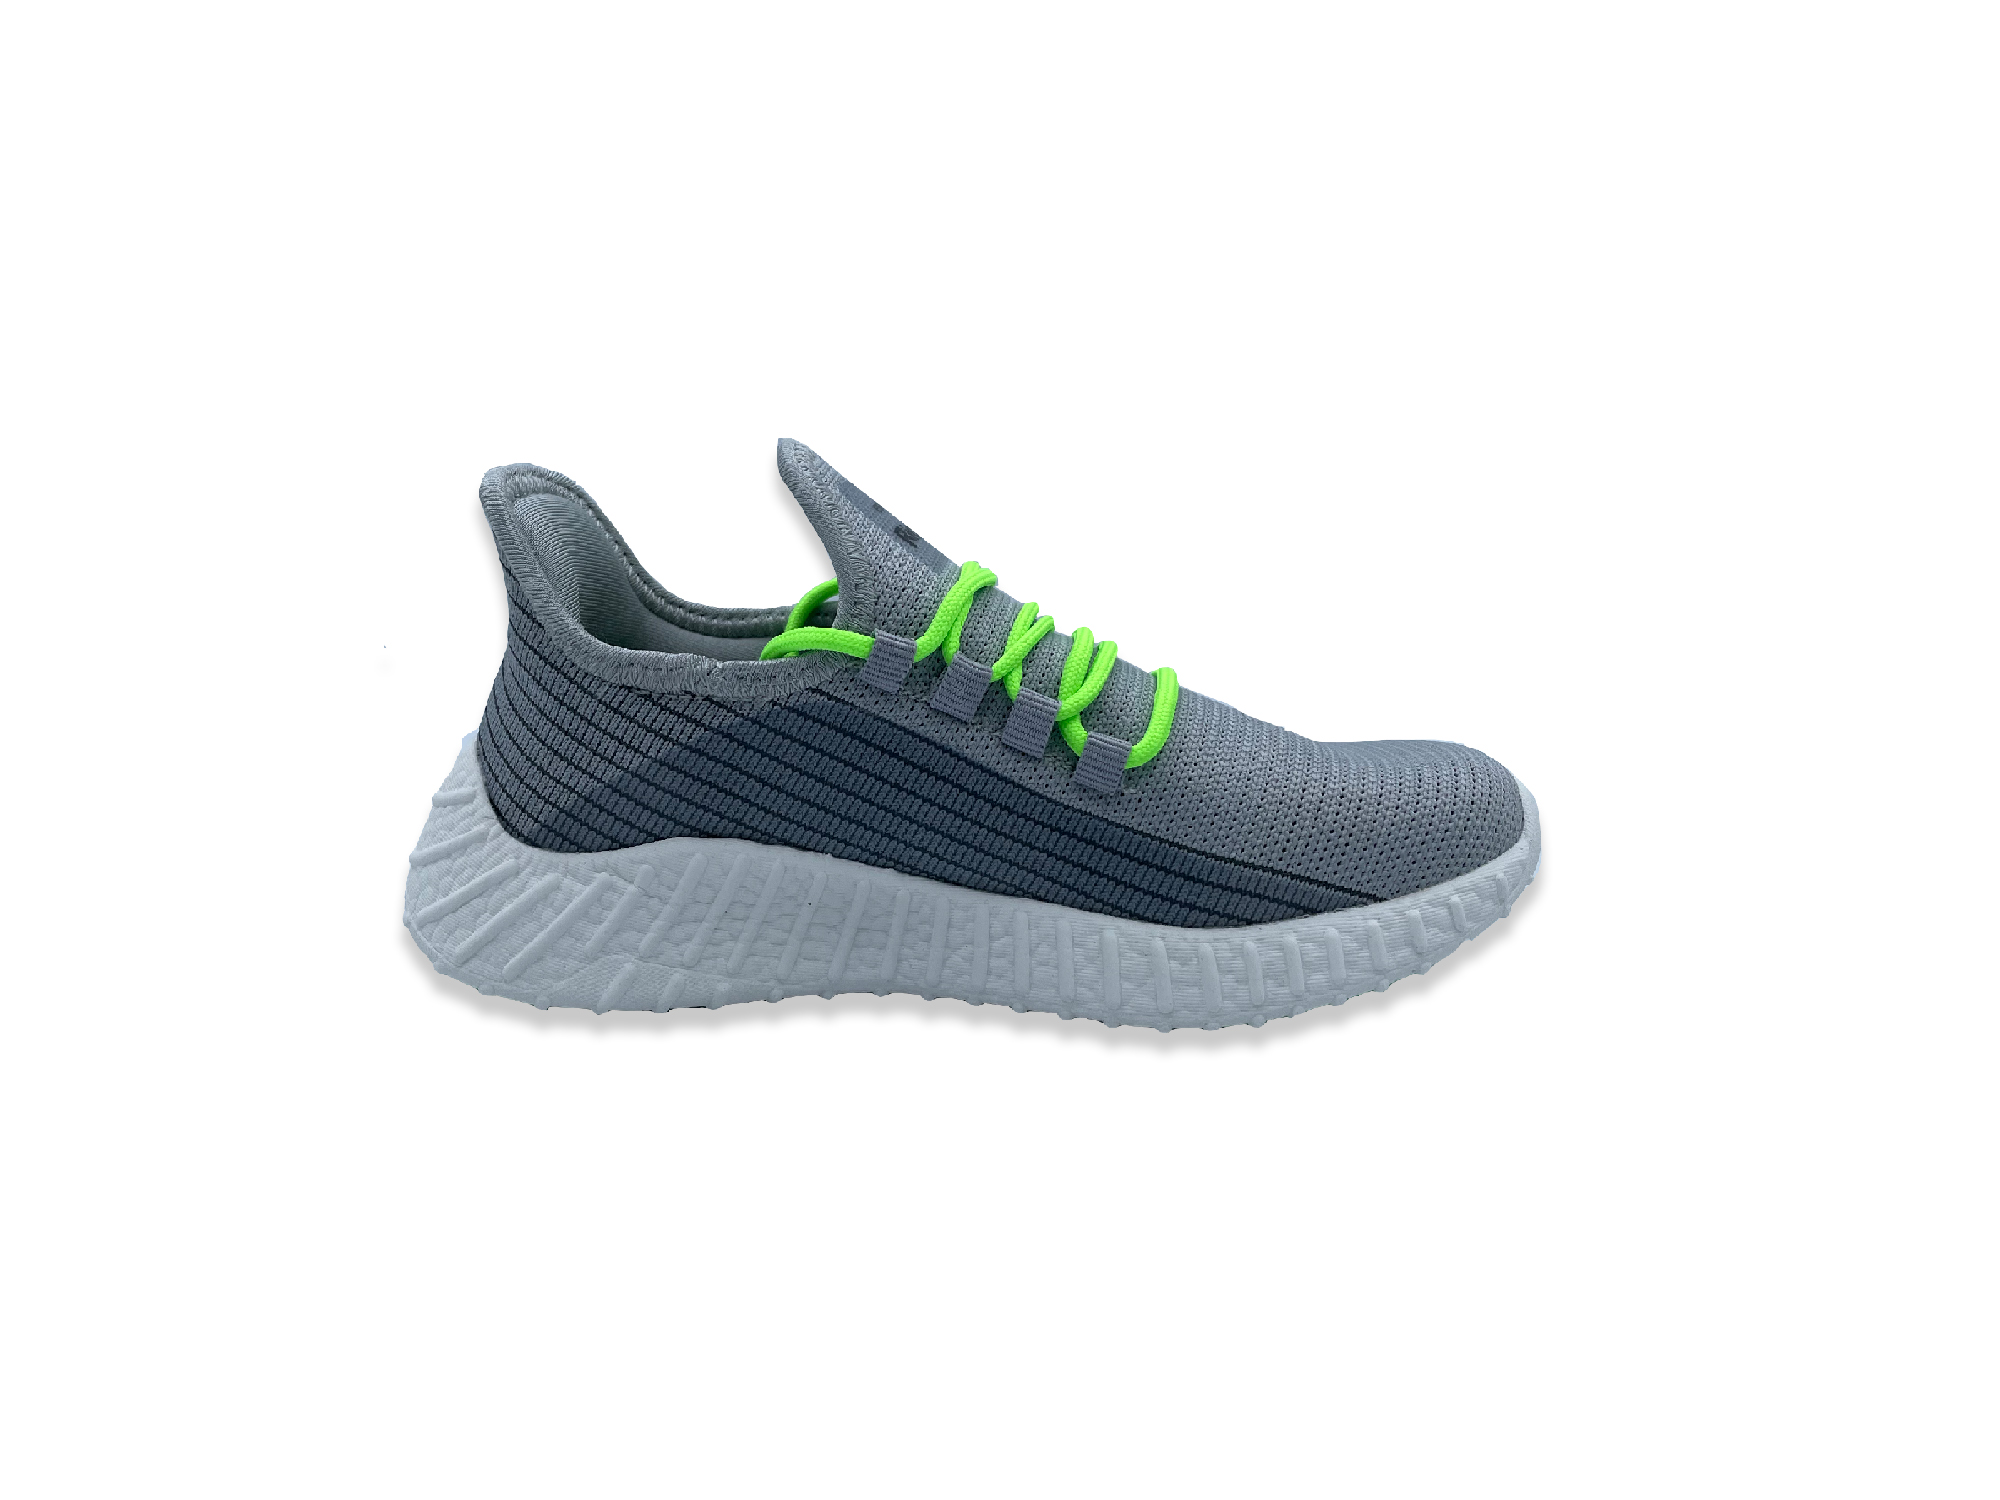 Richter 7500 1192 6110 Sneaker Hellgrau